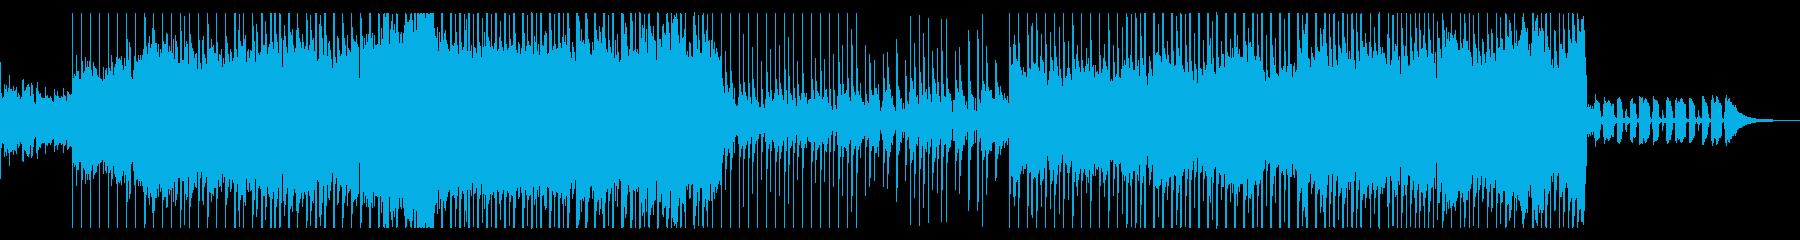 爽やかでどこか切ないポップソングの再生済みの波形